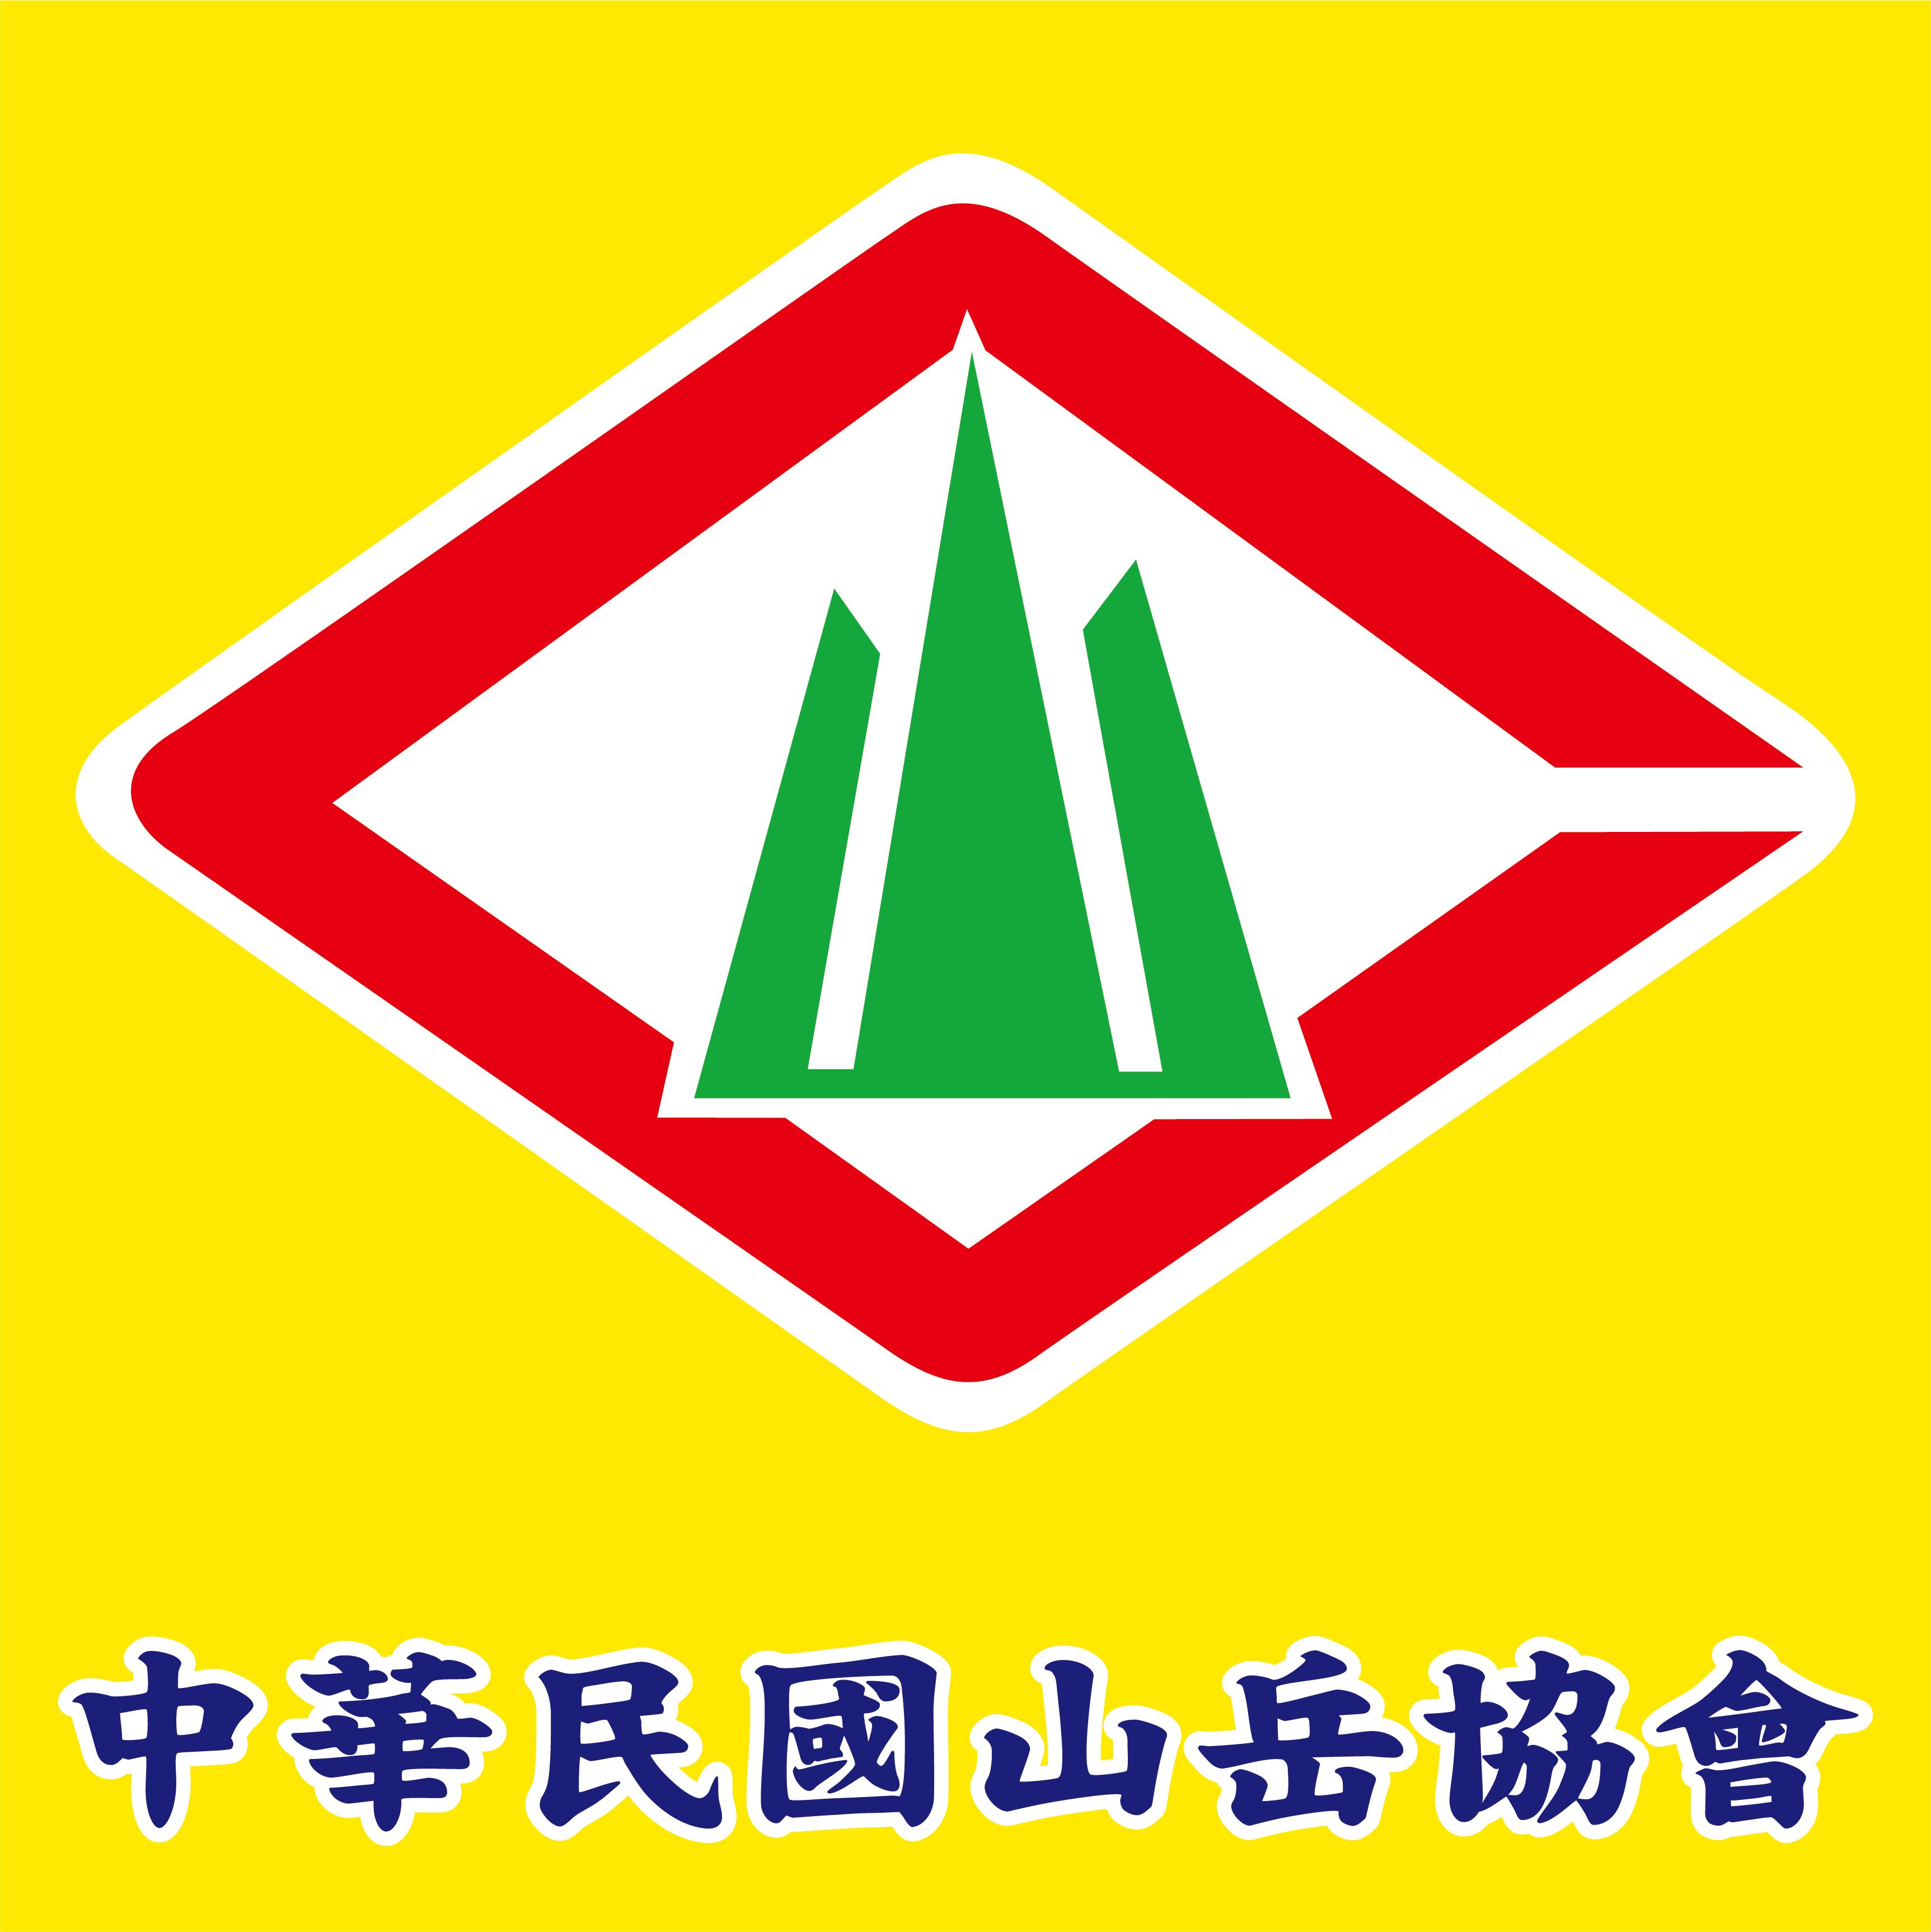 中華民國山岳協會